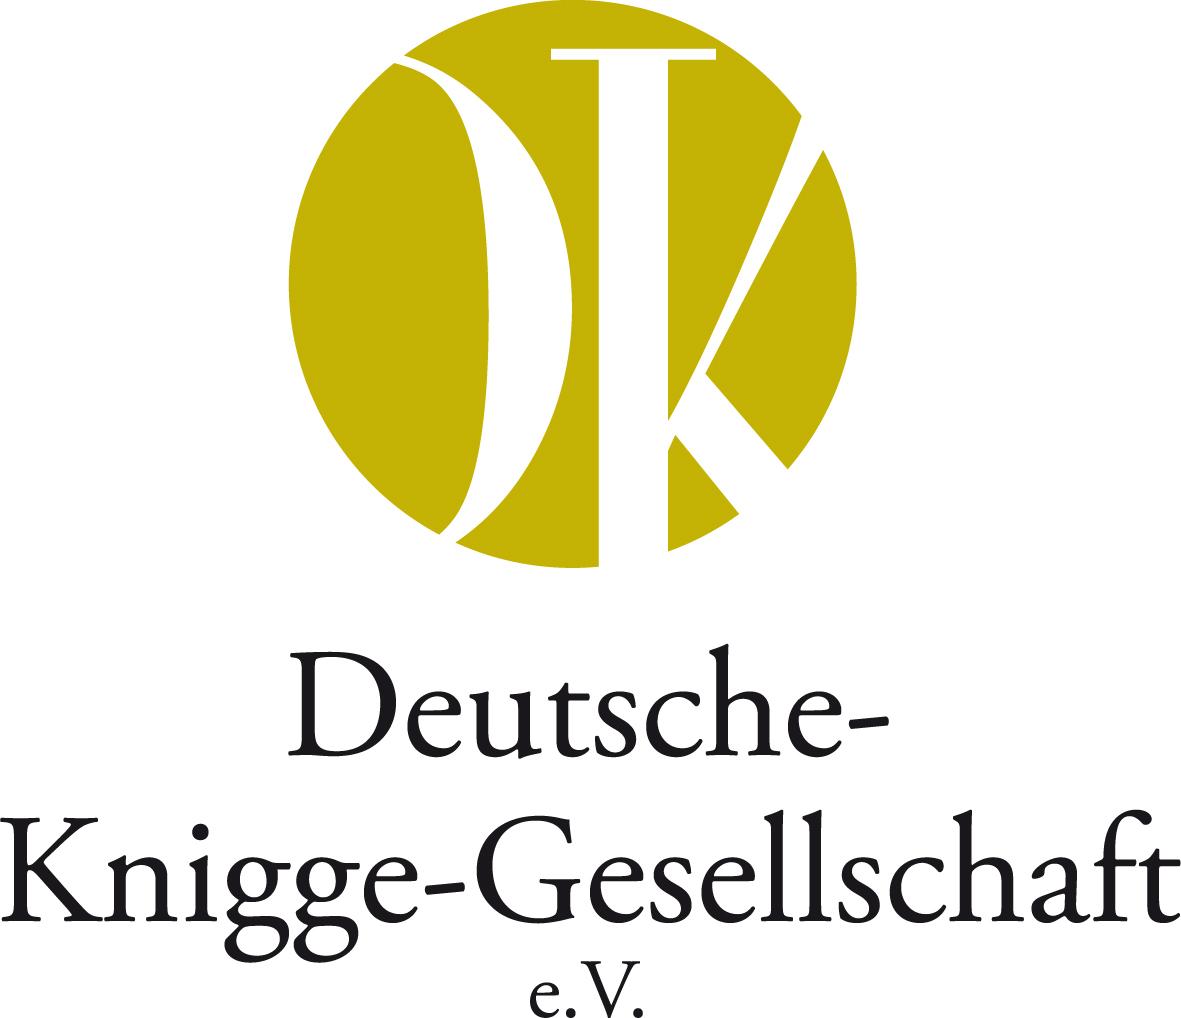 DKG_4c_Logo_weiss